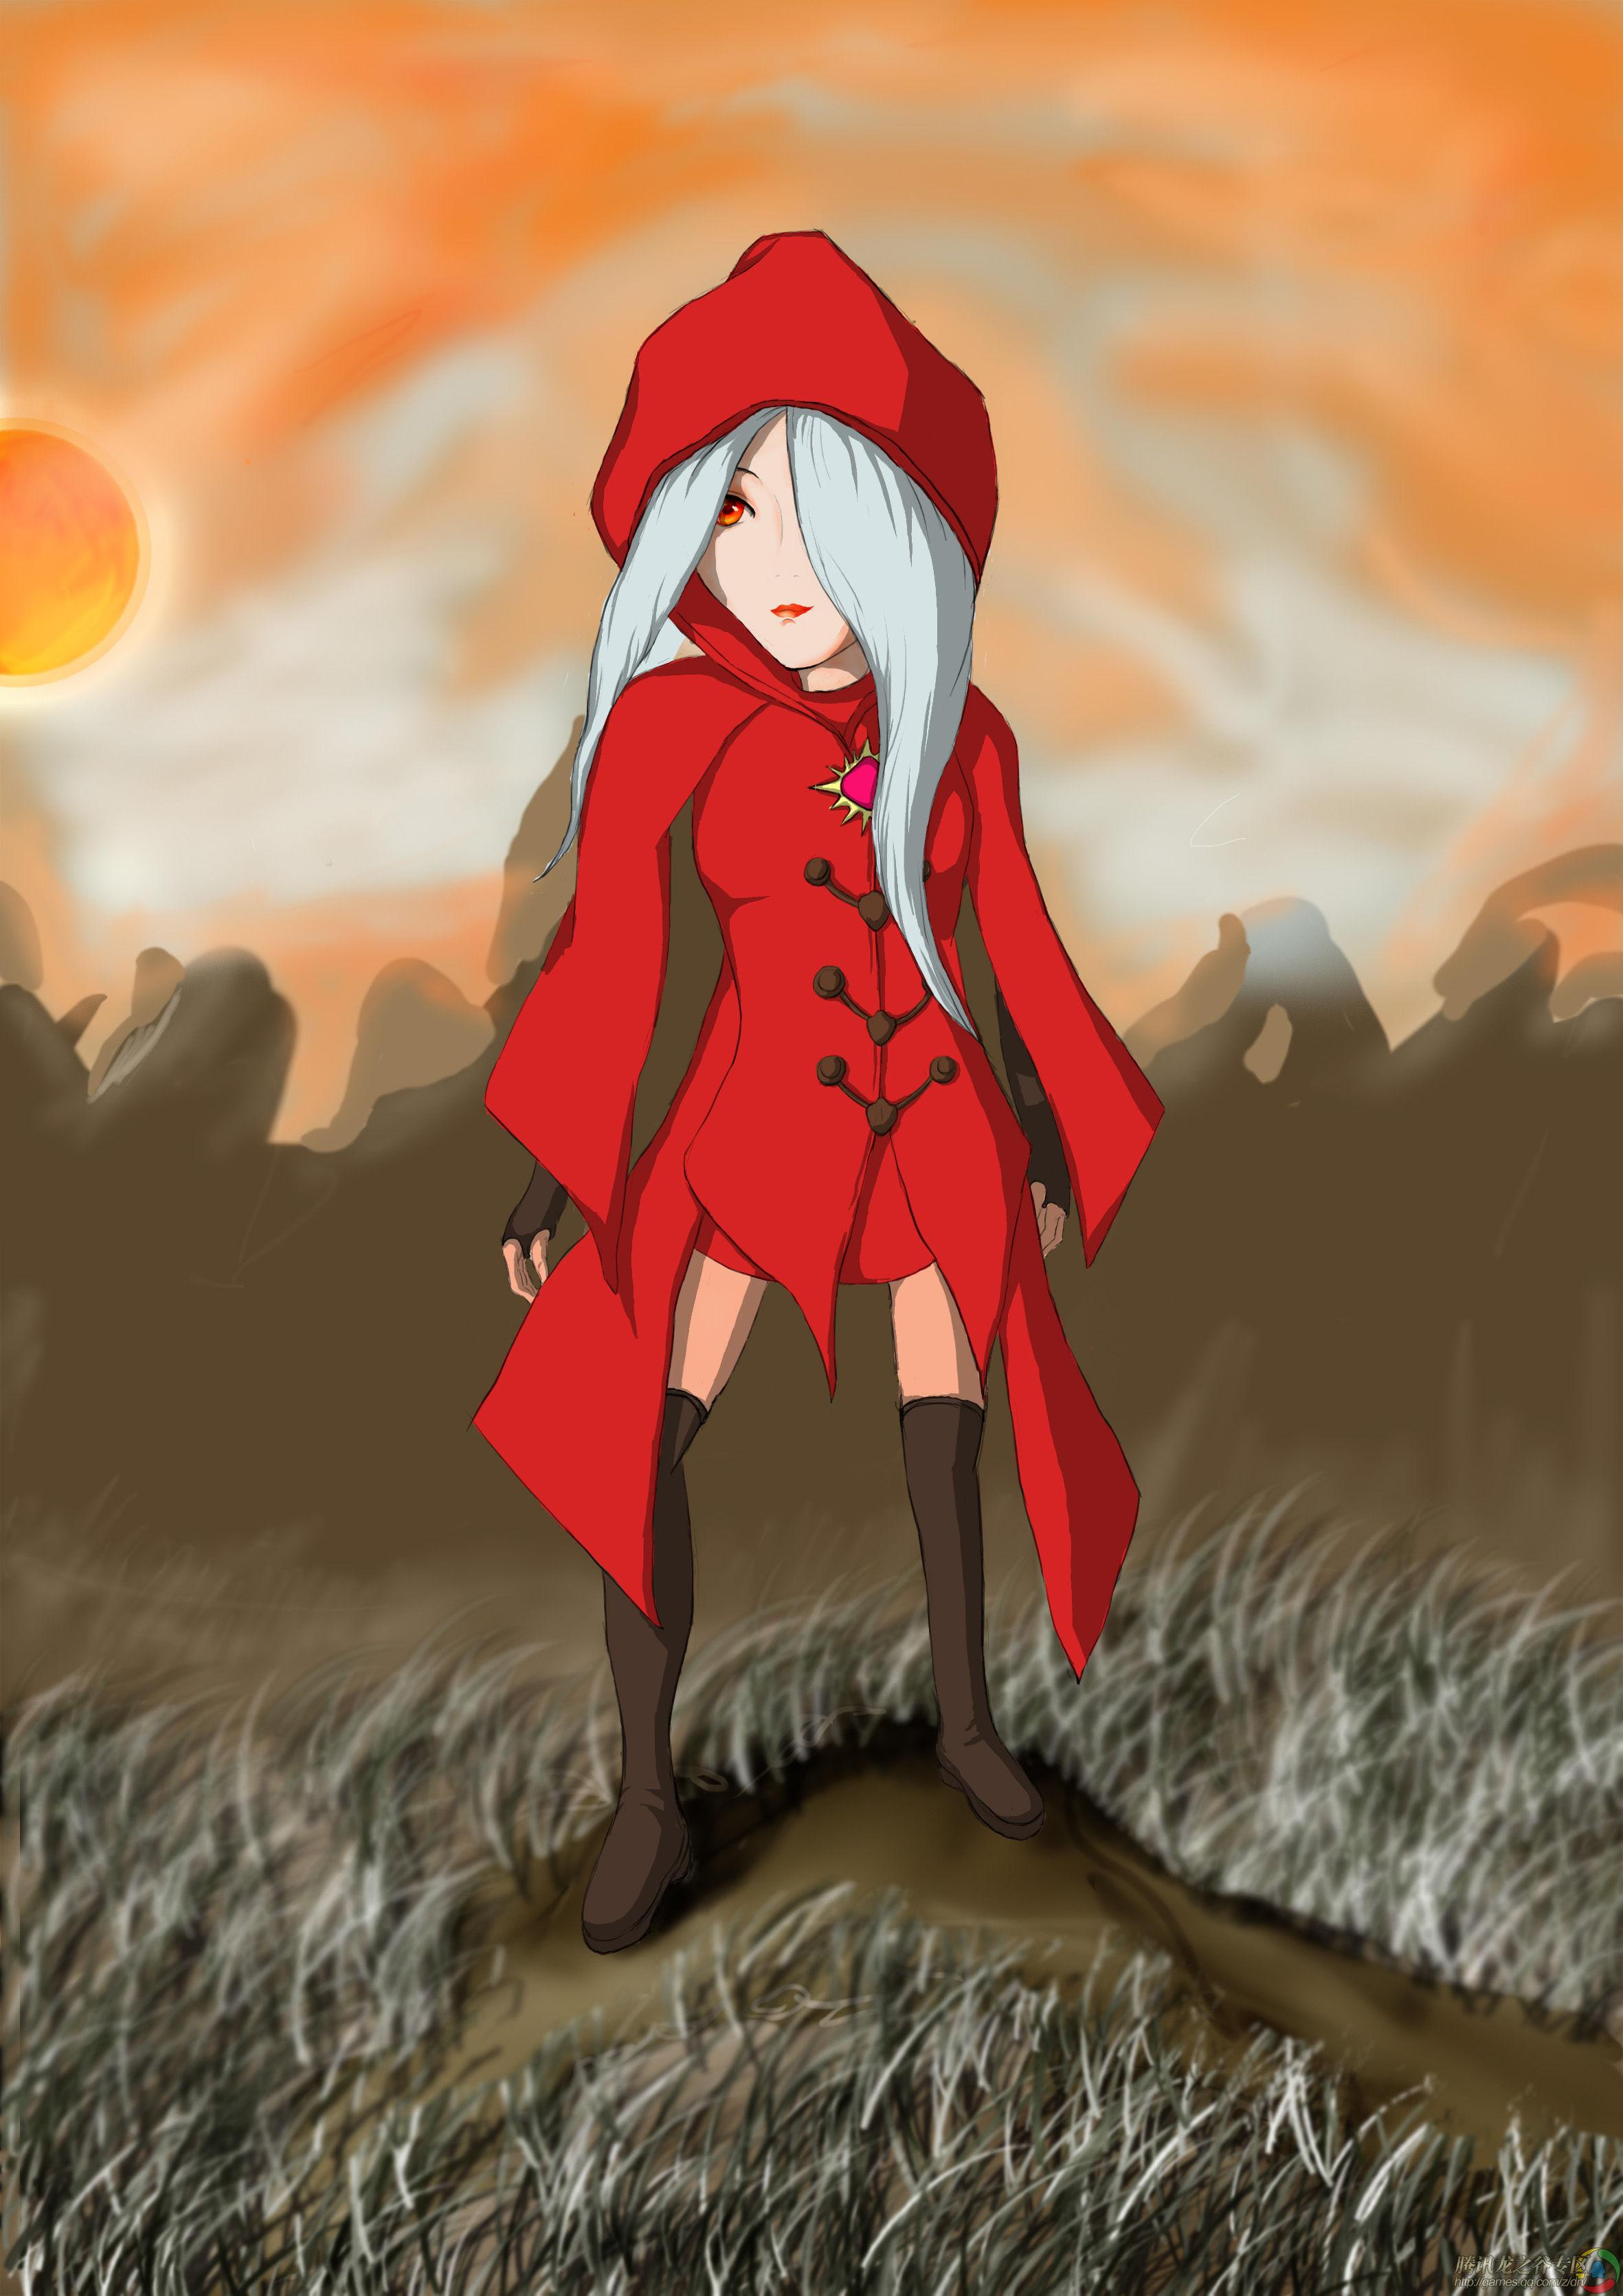 腾讯独家手绘:惊艳冷酷的美女阿尔杰塔_龙之谷_龙穴